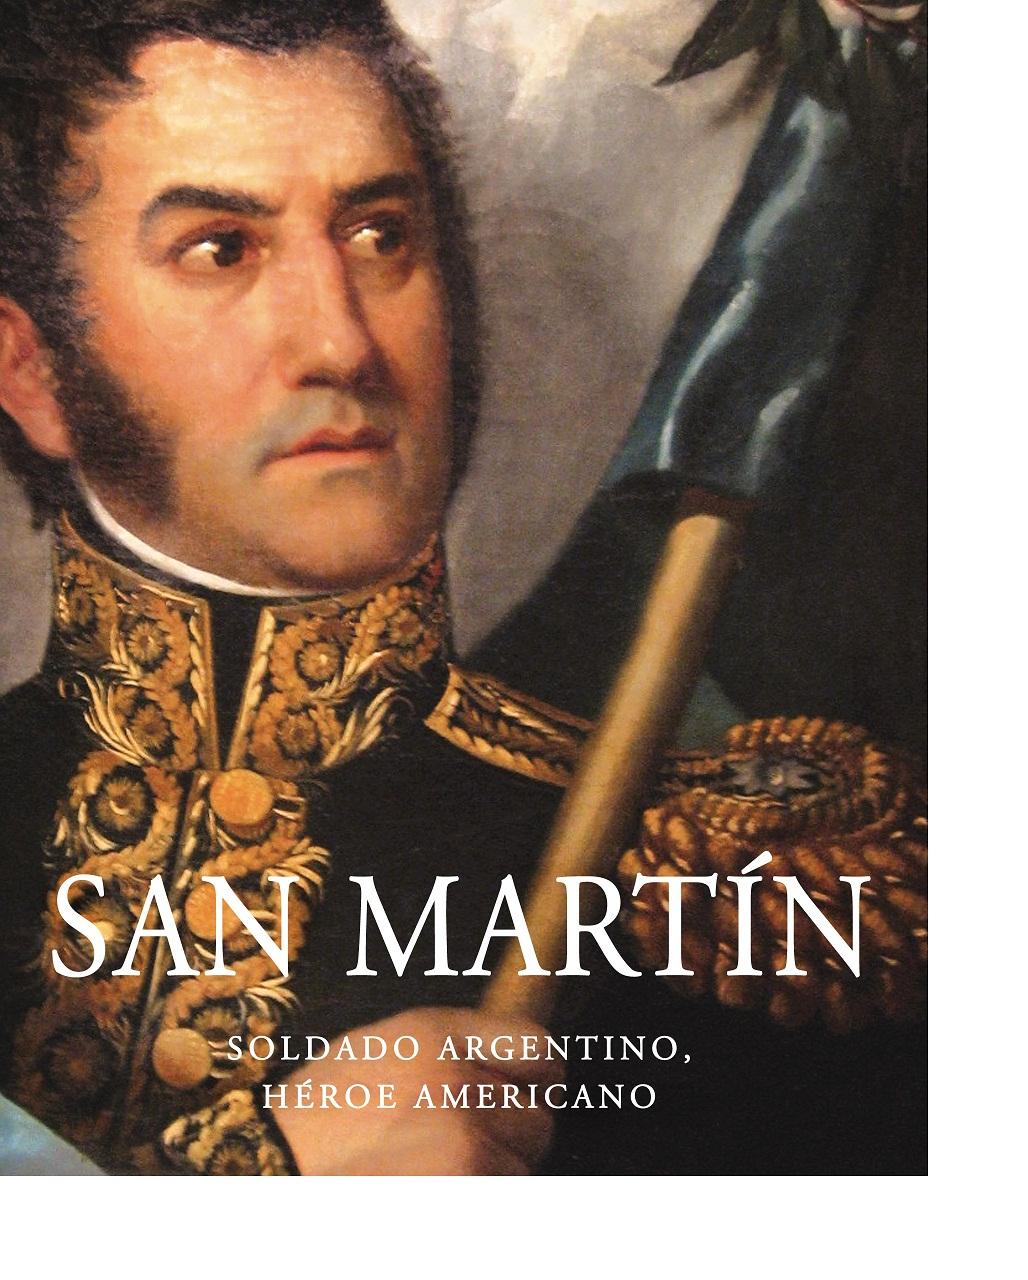 PREGUNTAS Y RESPUESTAS SOBRE LA VIDA DE JOSE DE SAN MARTIN. Fuente: www.elhistoriador.com.ar Web dirigida por Felipe Pigna. Ofrecemos esta guía de preguntas ... - SANMARTIN